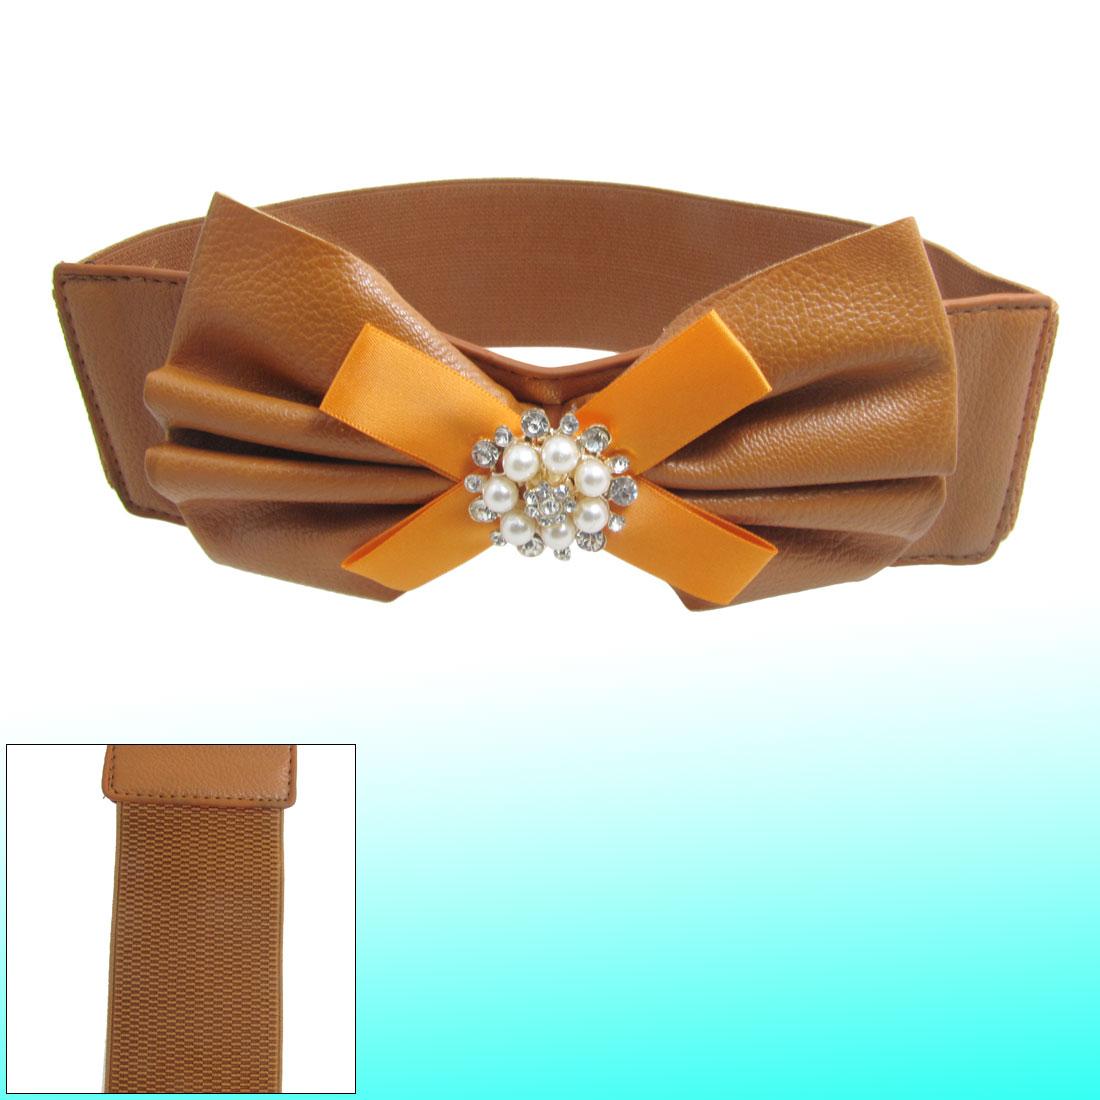 Woman Brown Faux Leather Bowknot Decor Press Button Closure Cinch Belt